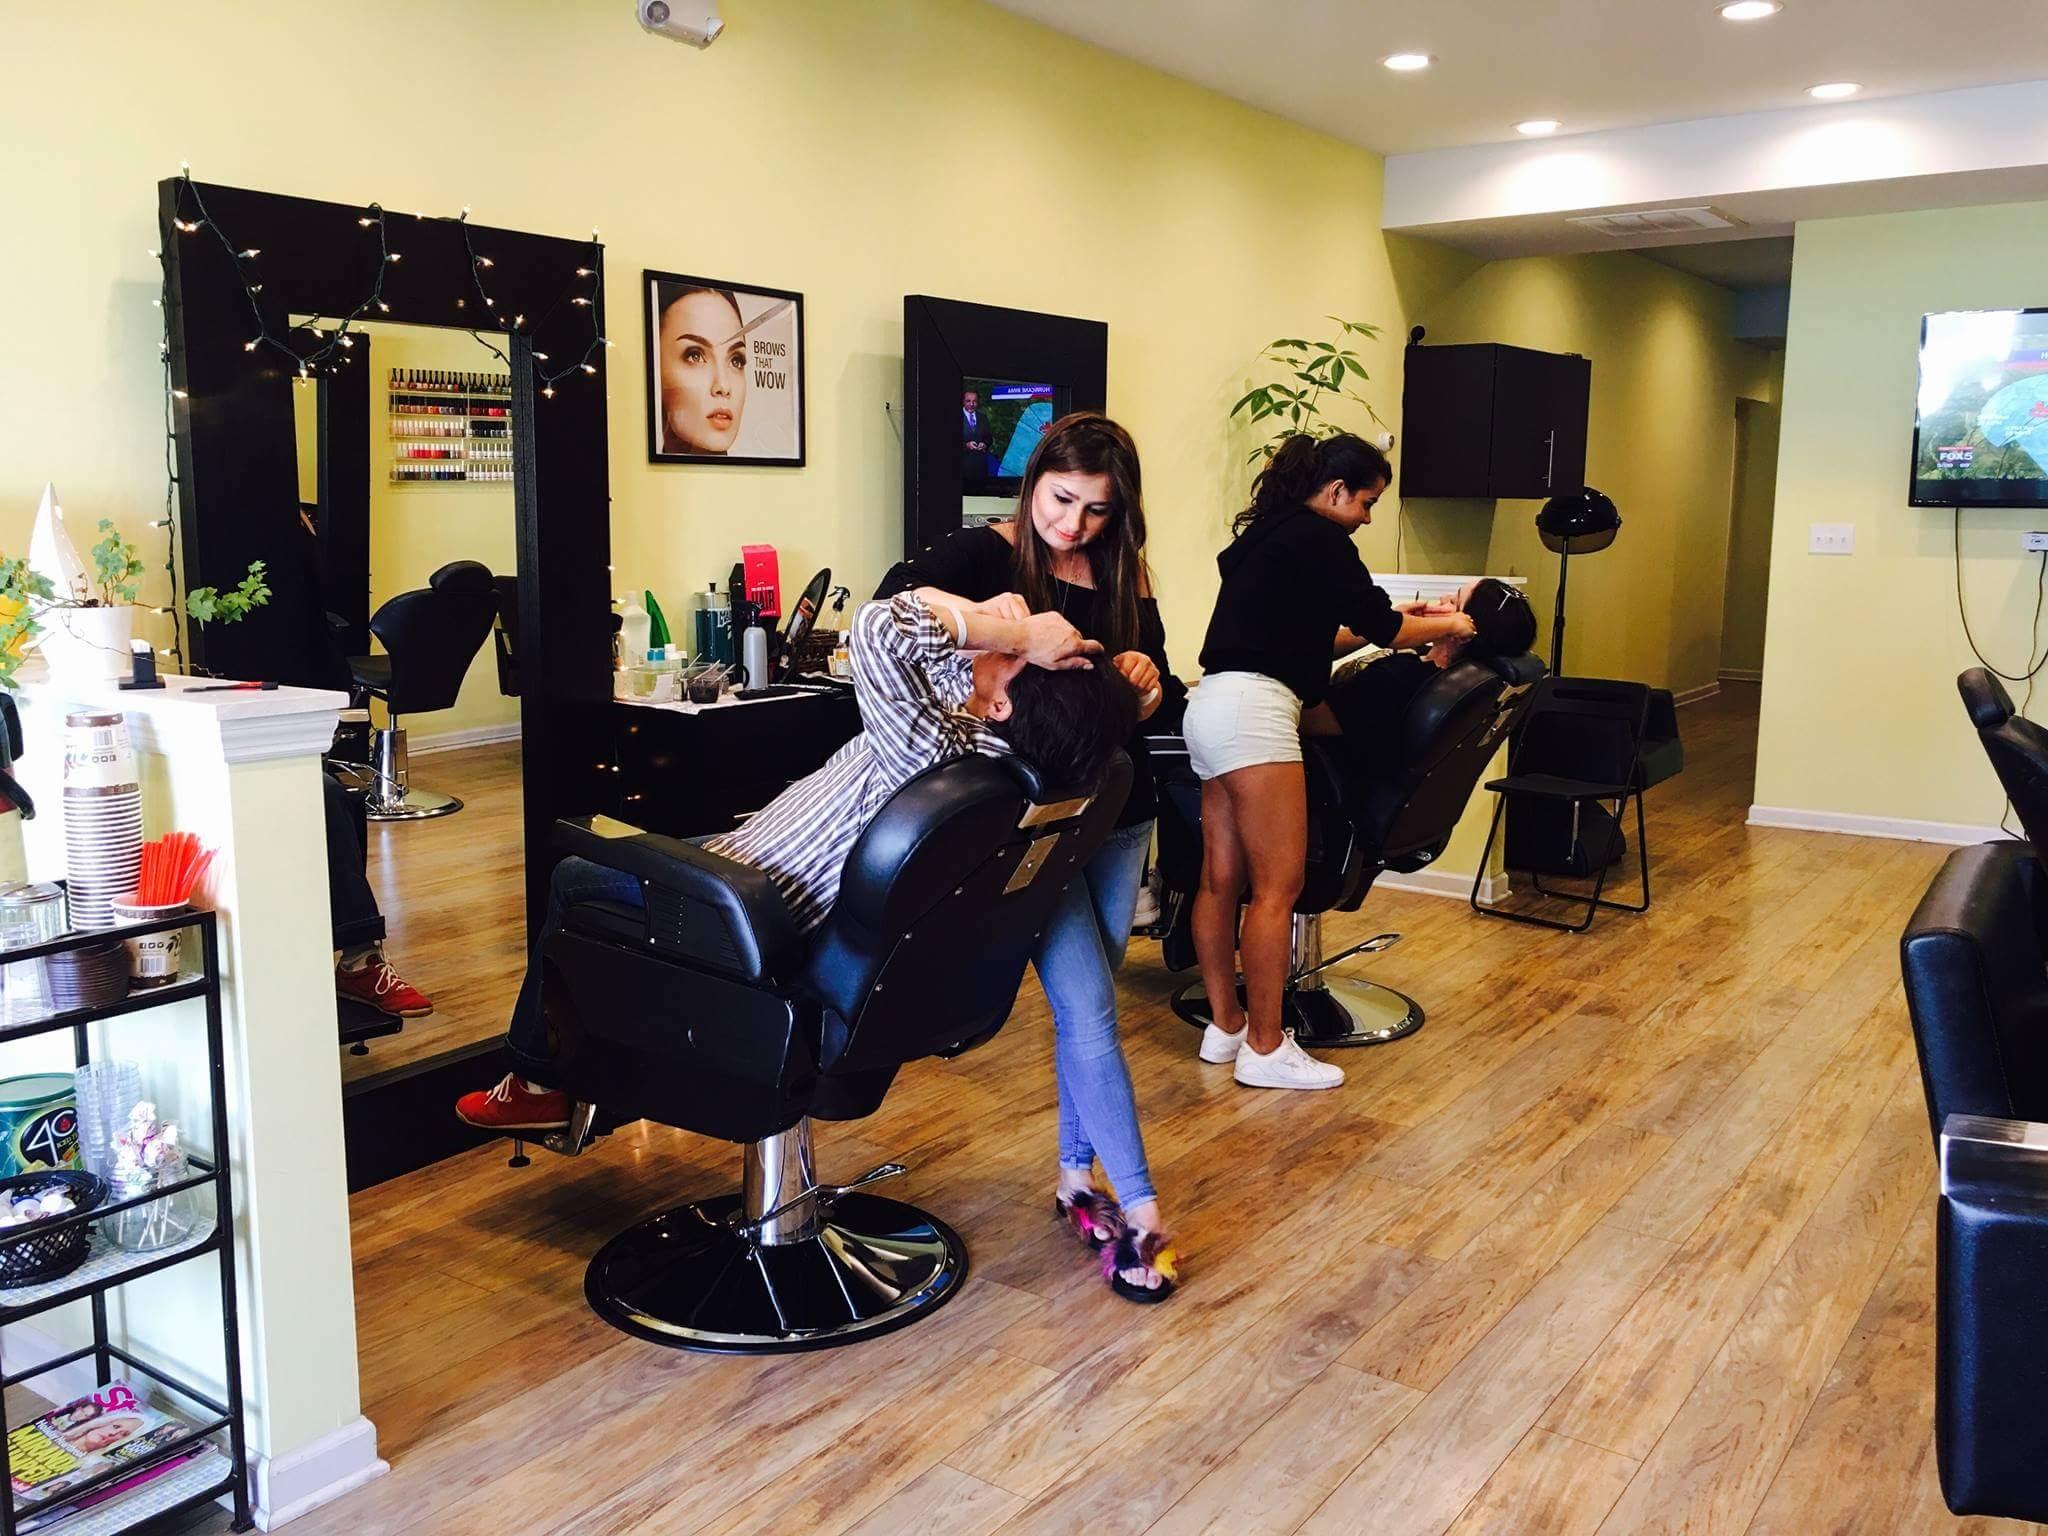 Eyebrow Threader Job In Kearny Nj By Ibows Beauty Studio 0 1